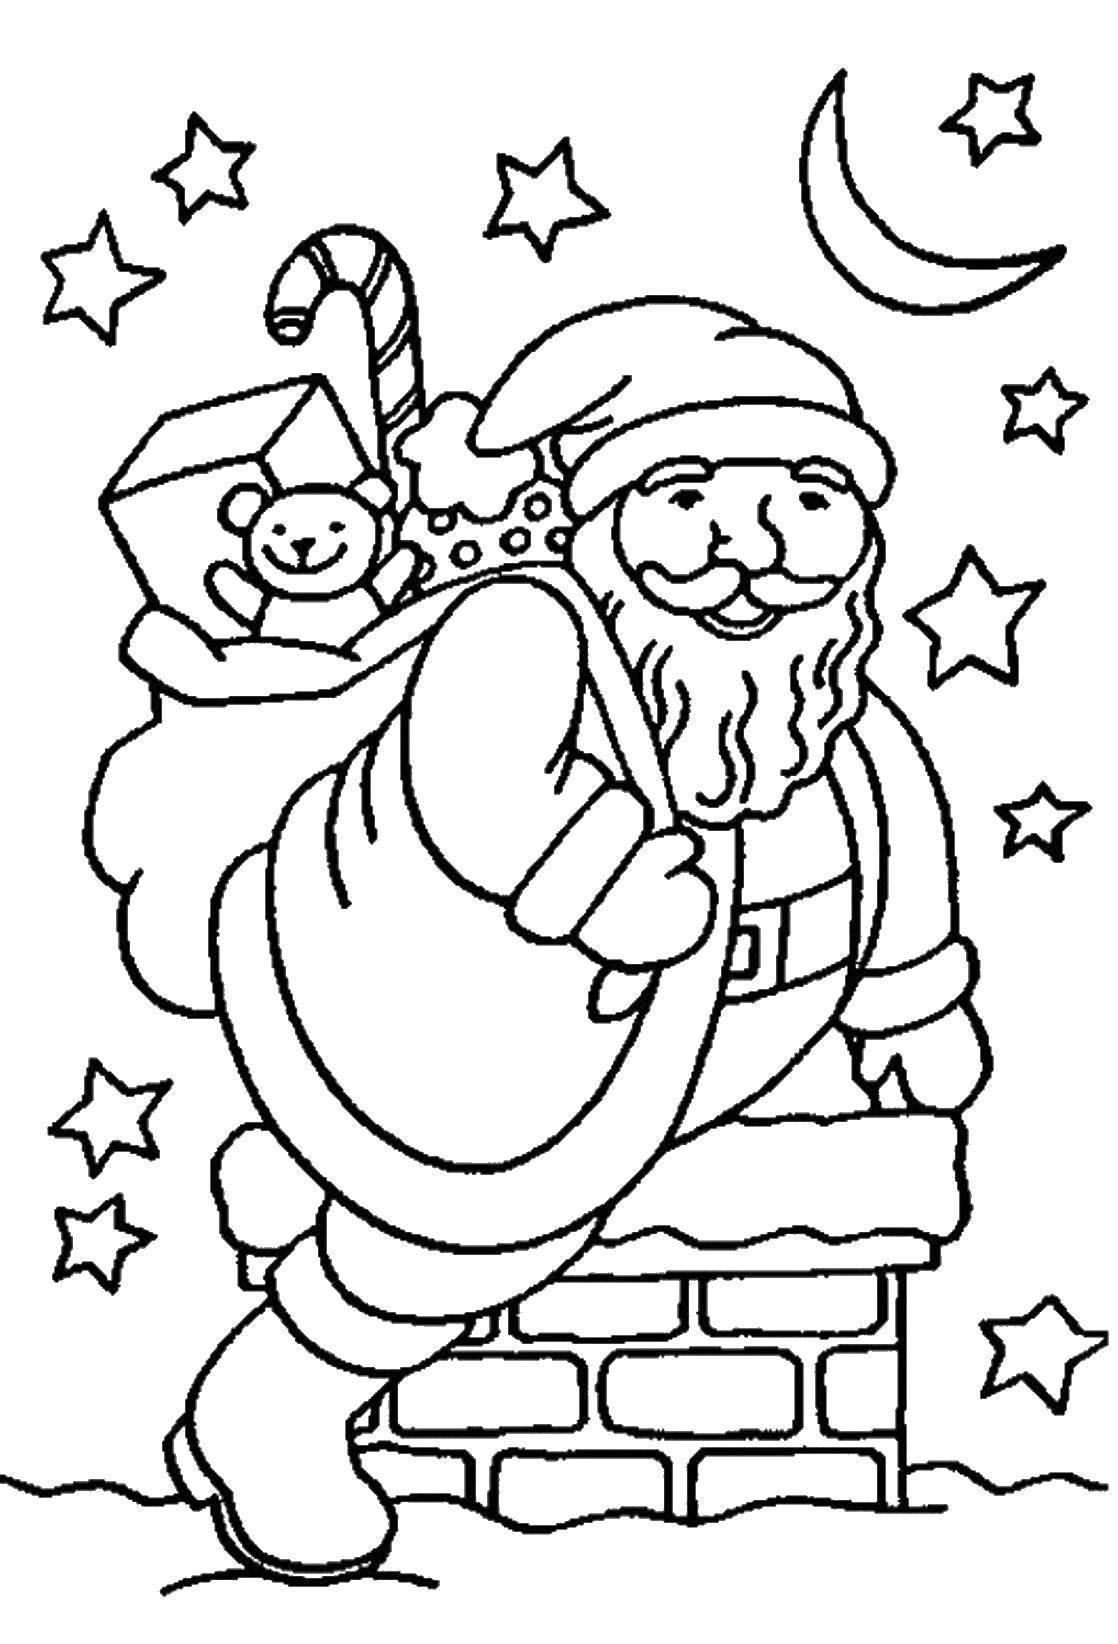 Раскраска Рождество Скачать Космос, ракета, звезды.  Распечатать ,космос,